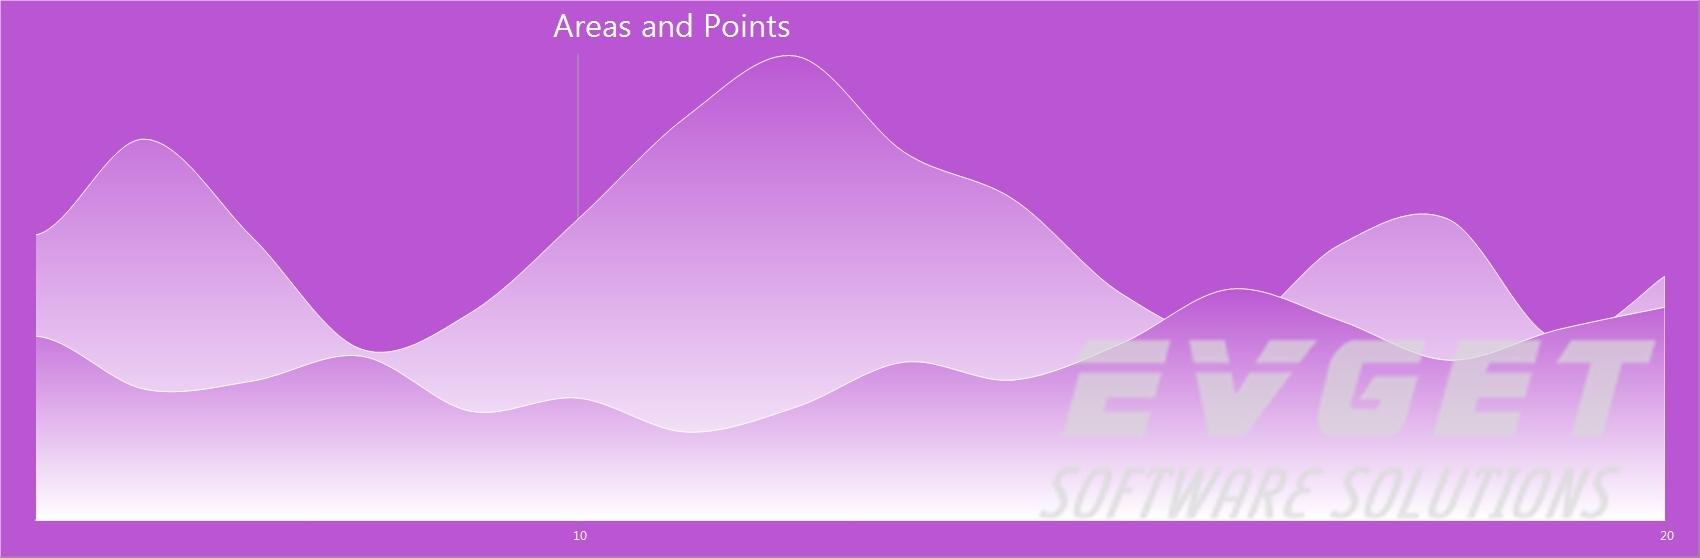 TeeChart Pro ActiveX预览:area&point chart